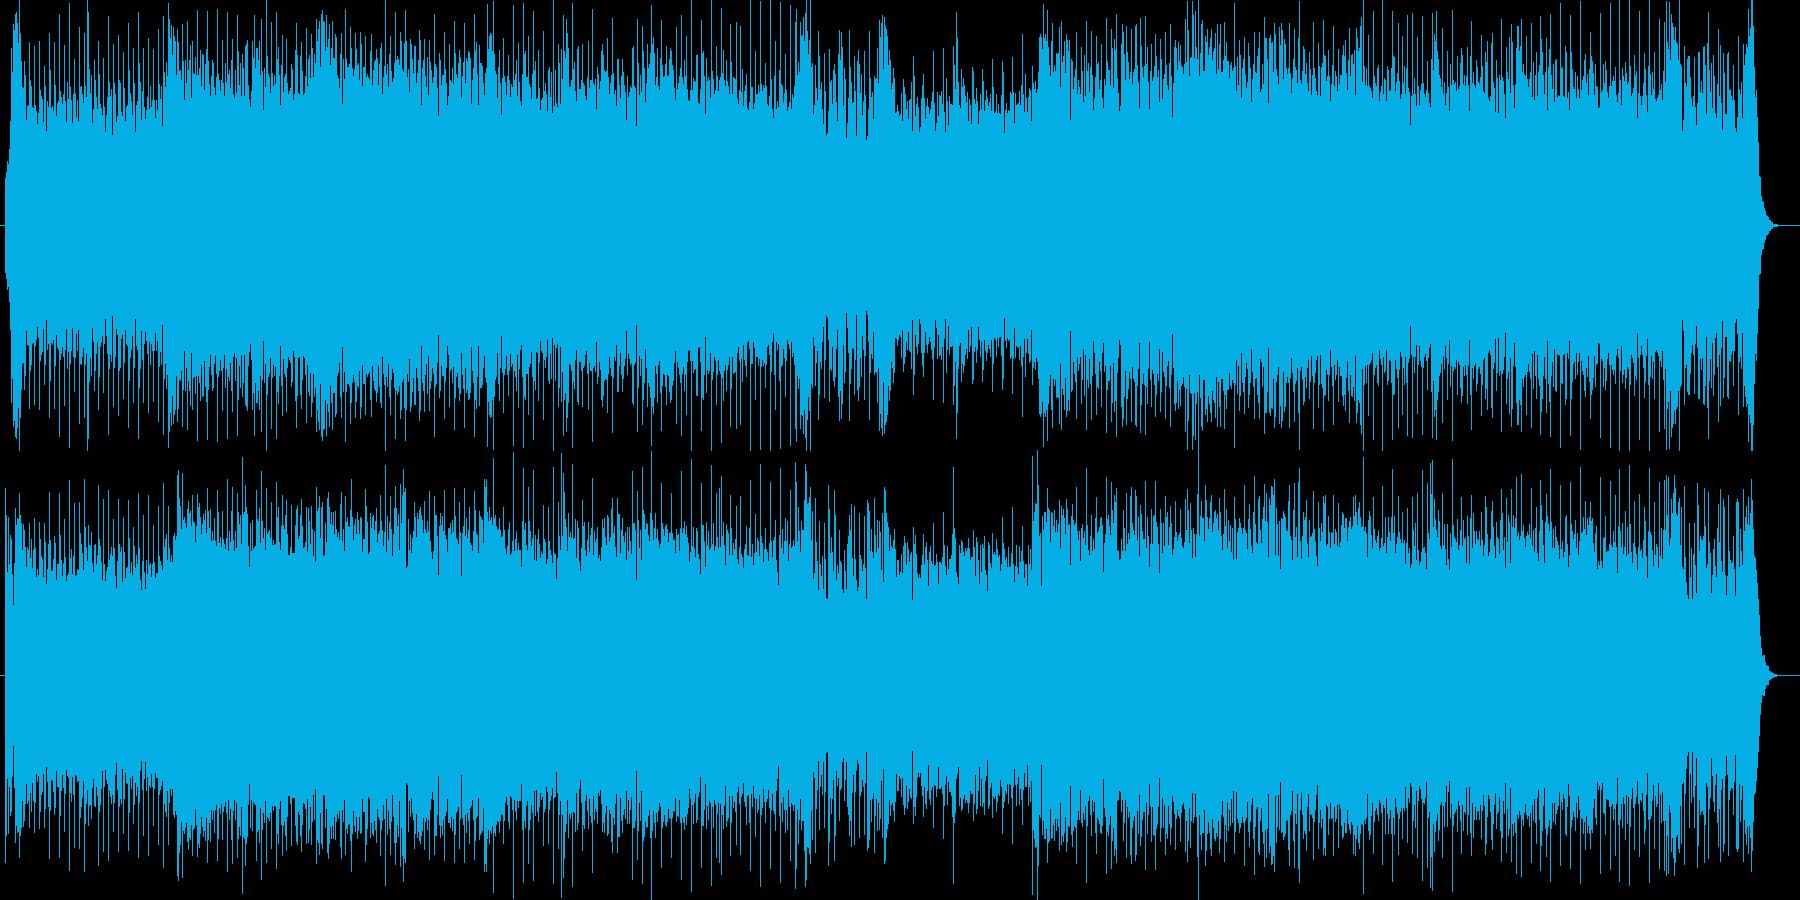 重厚で壮大な広がりのあるドラムの効いた曲の再生済みの波形